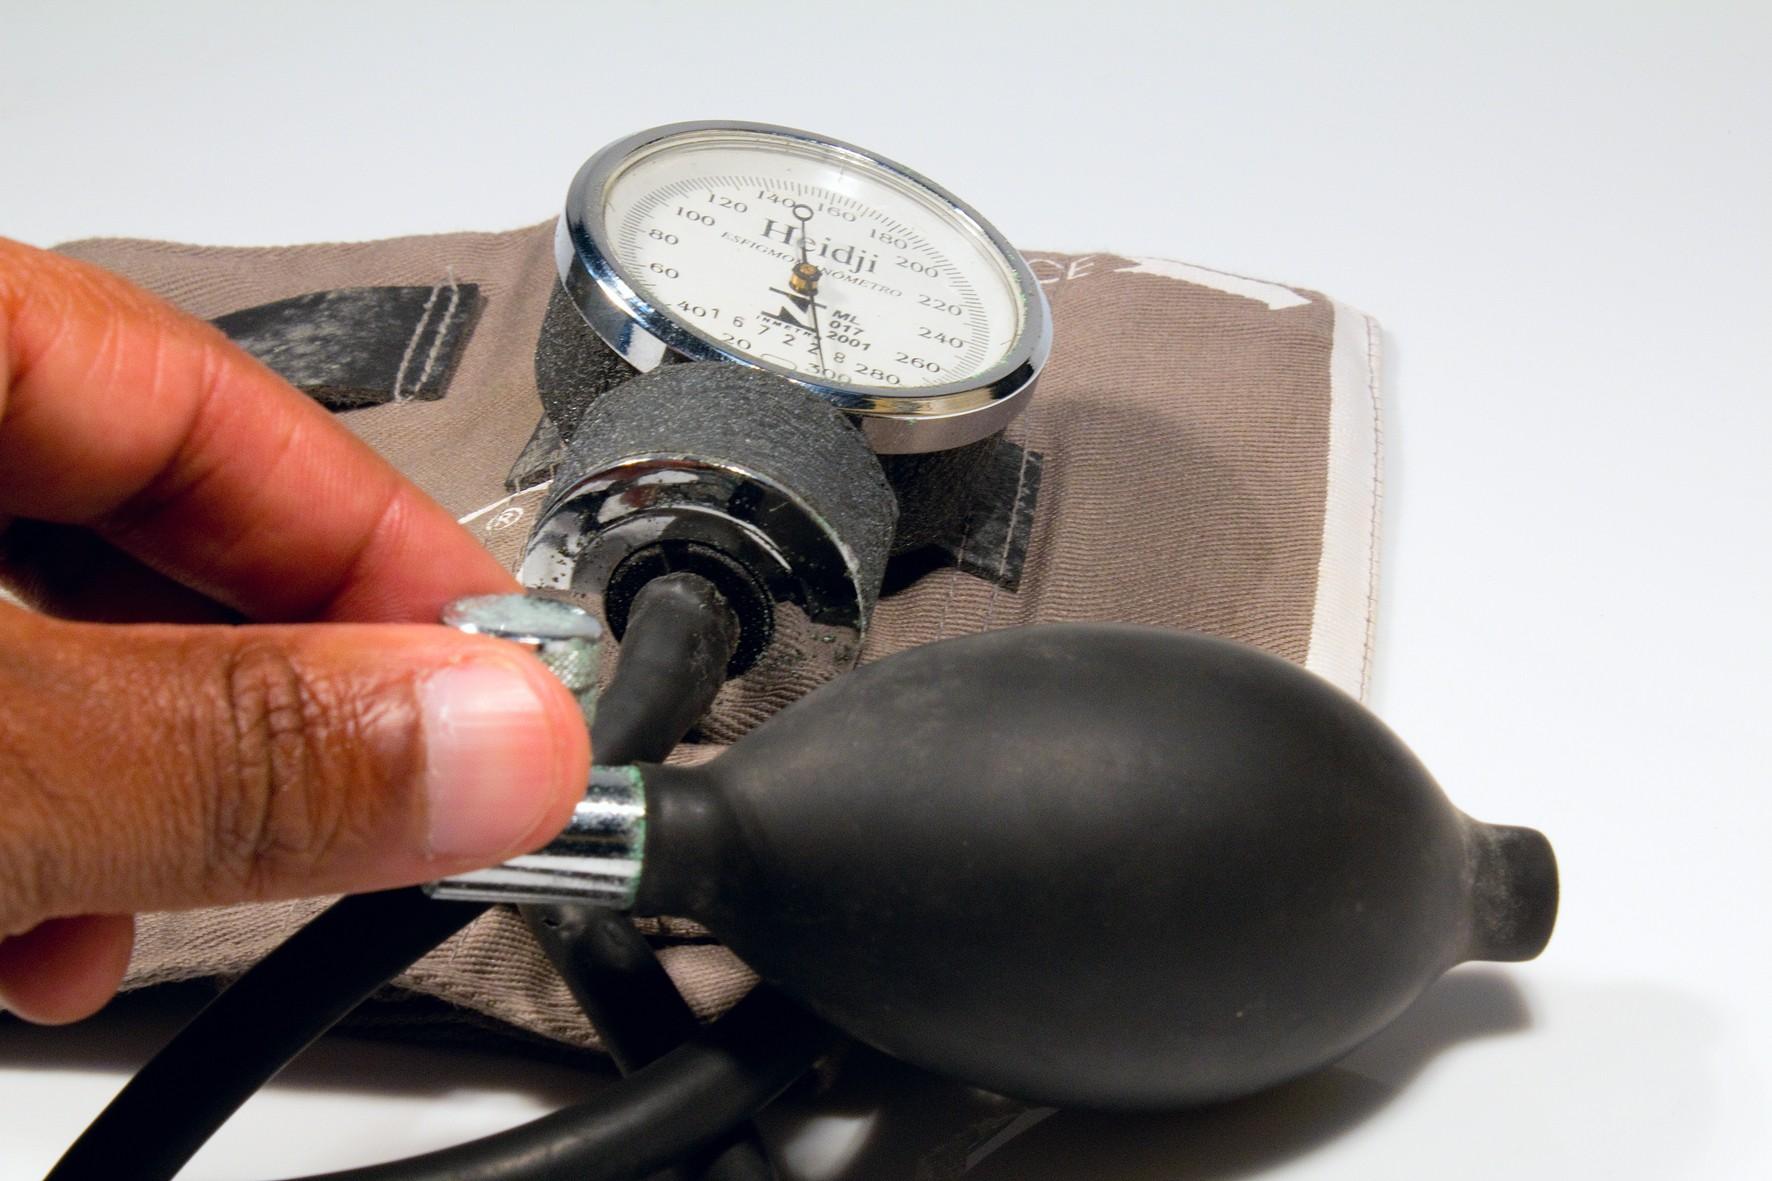 El mayor inconveniente de la utilización de Presión arterial normal